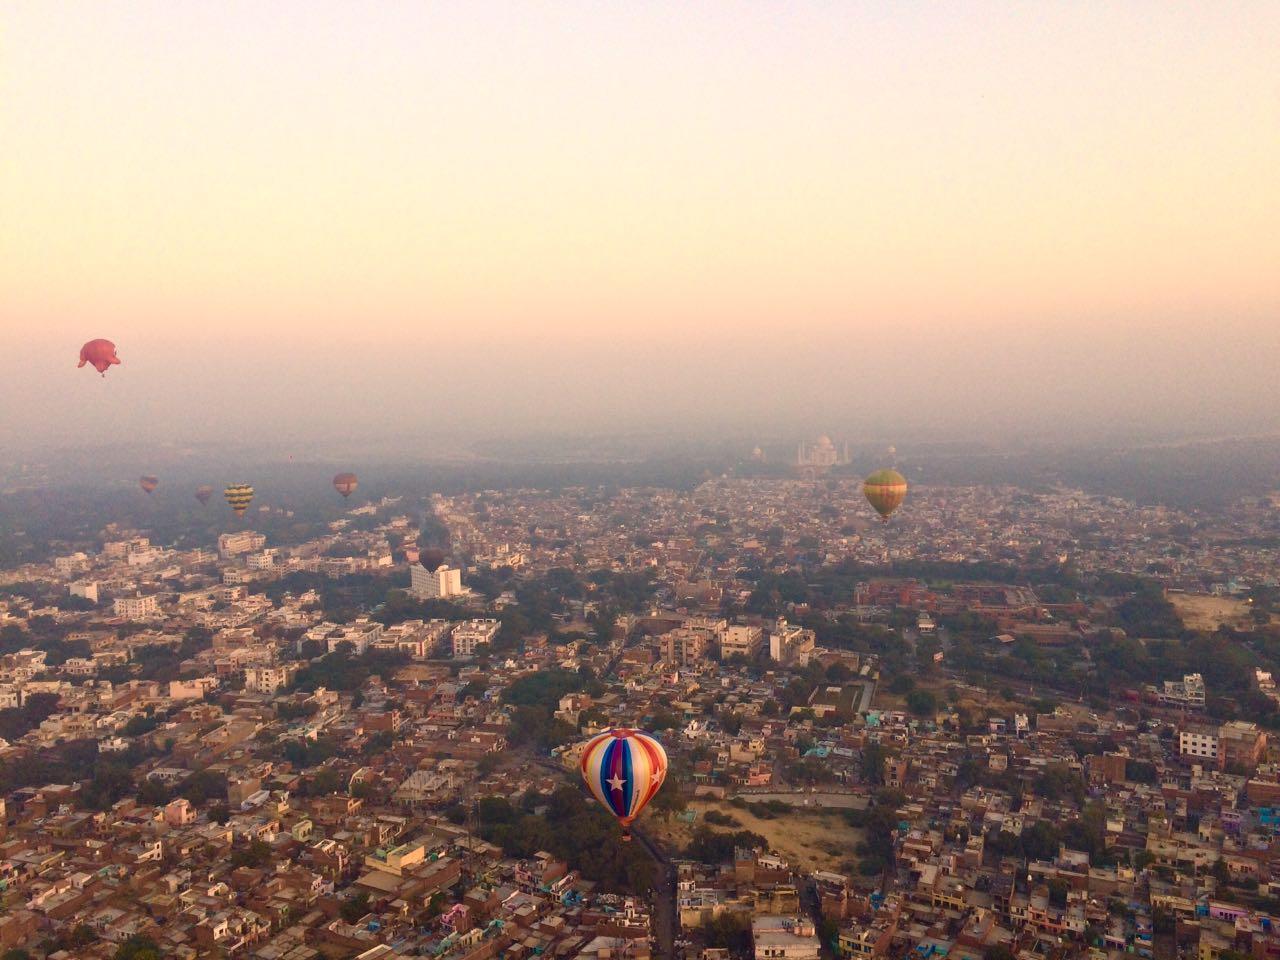 taj-balloon-festival-day-3-agra-1